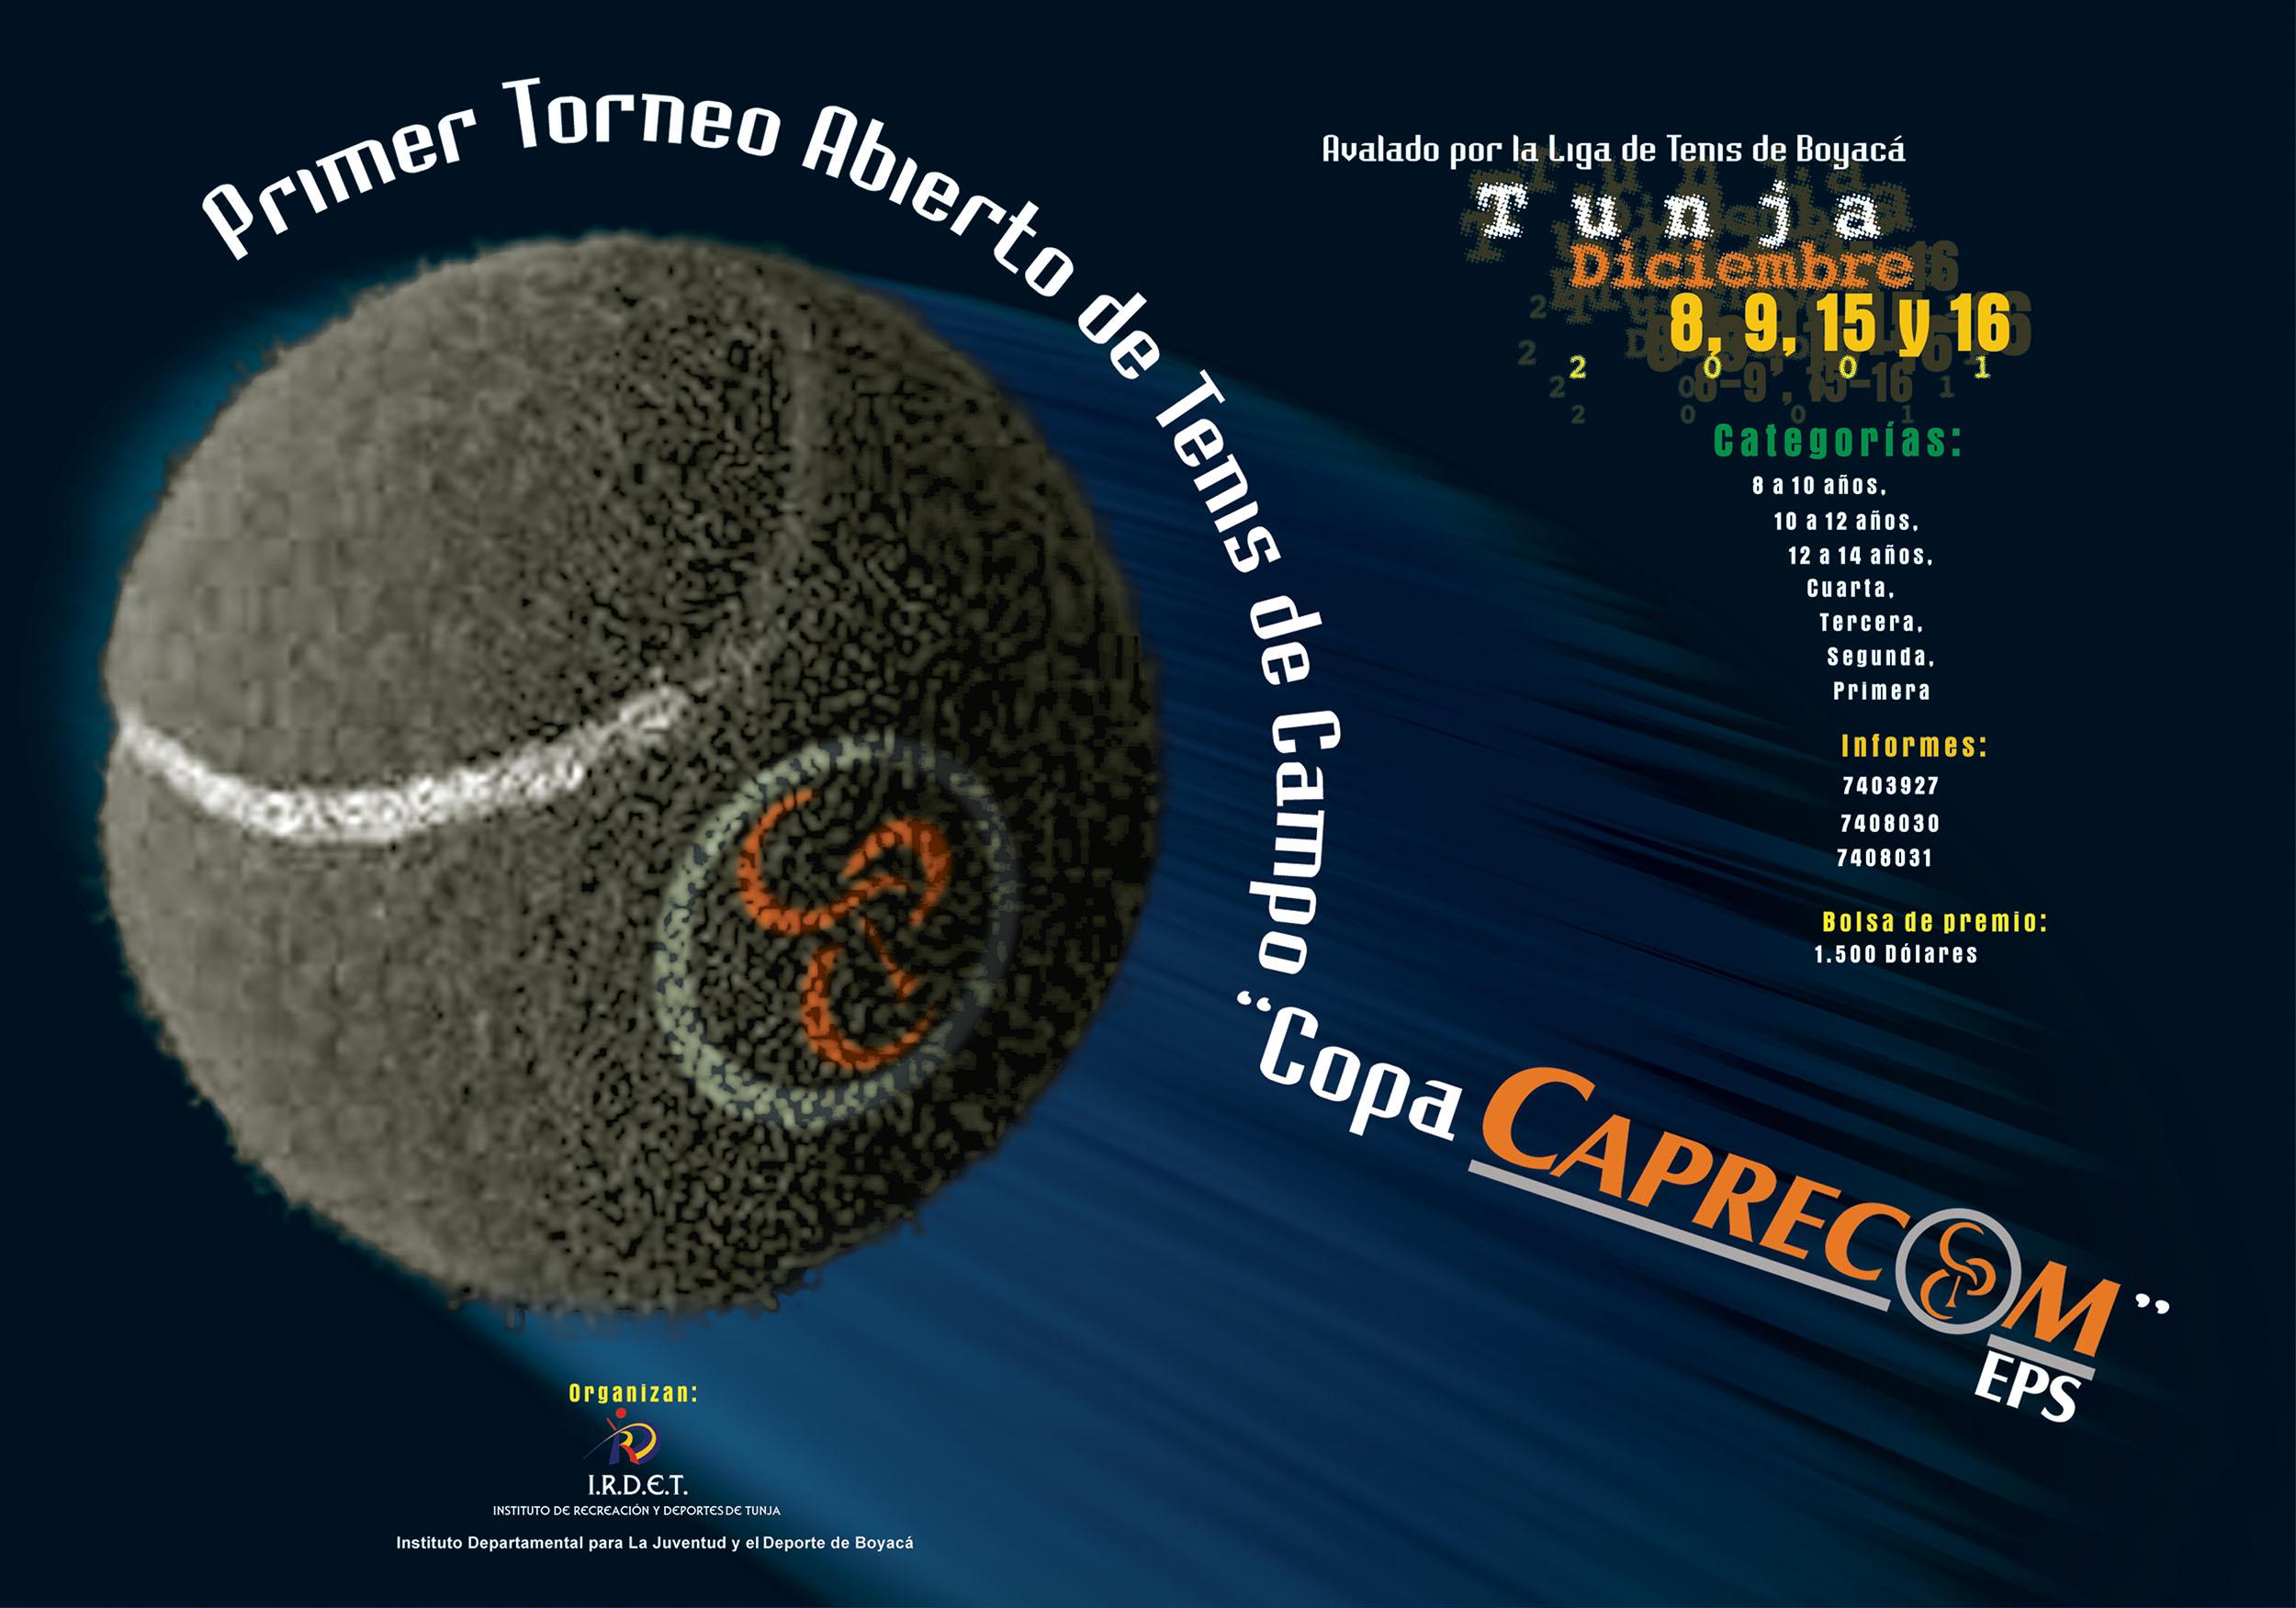 Copa Caprecom